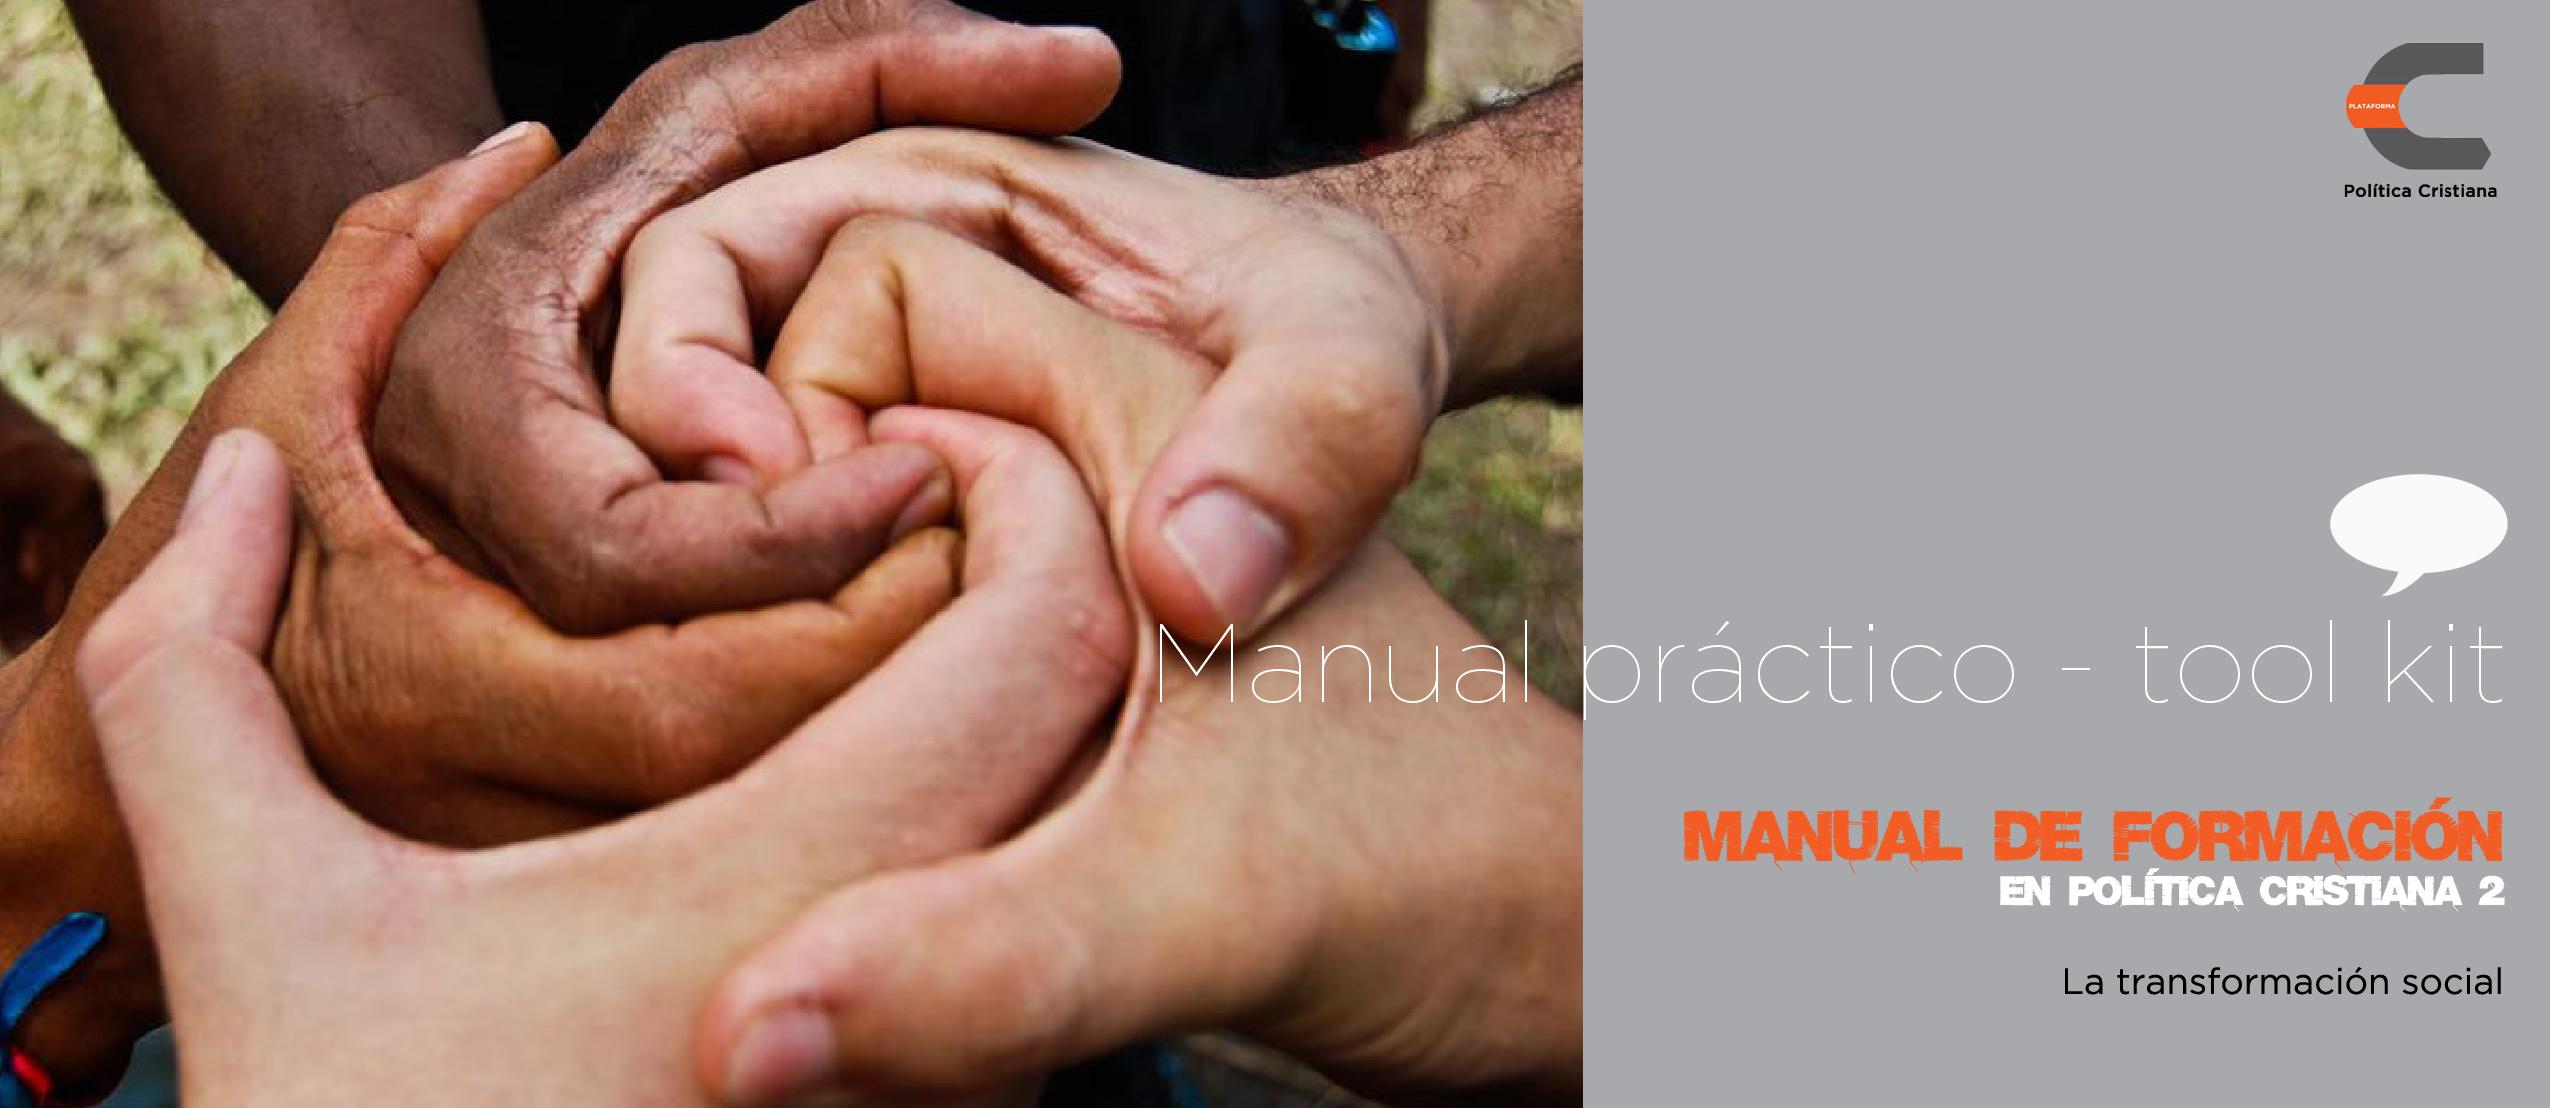 Manual práctico - tool kit - Manual de Formación en Política Cristiana 2 - La Transformación Social